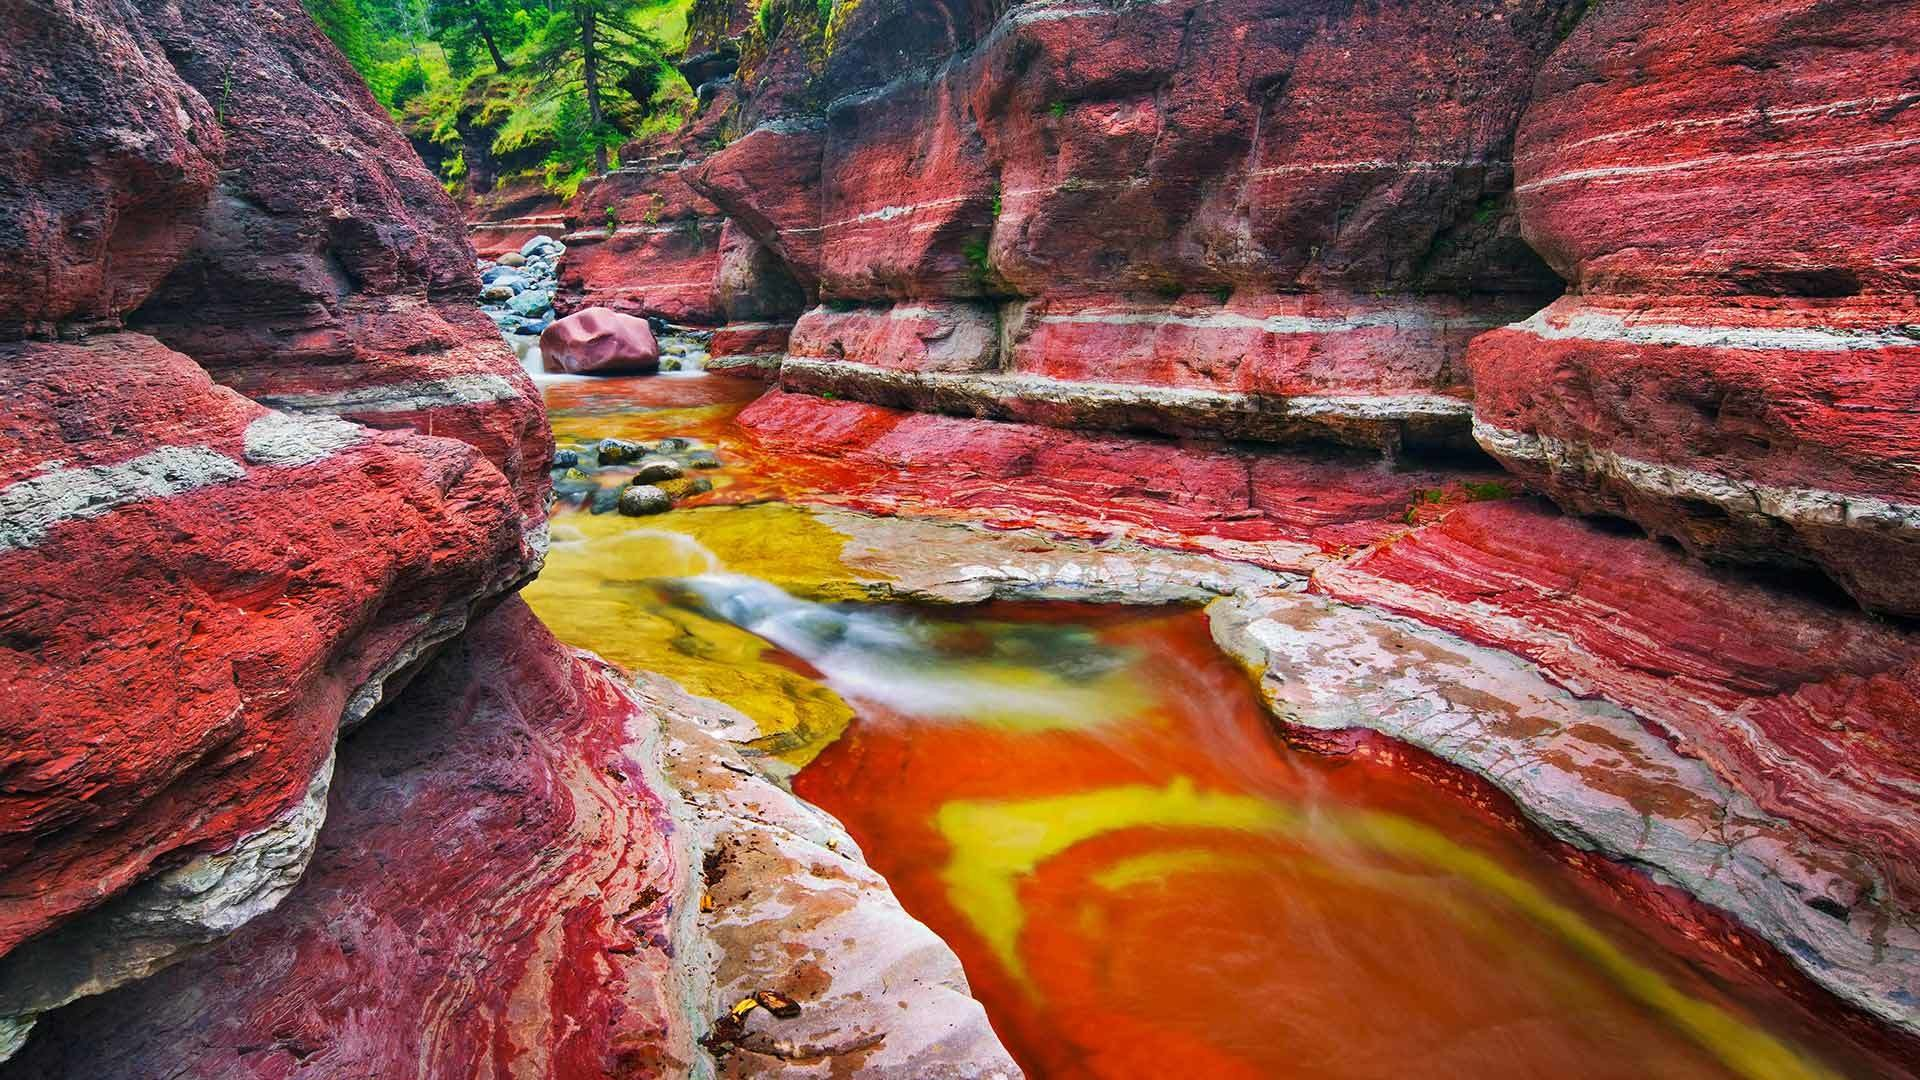 ущелье красные скалы вода смотреть